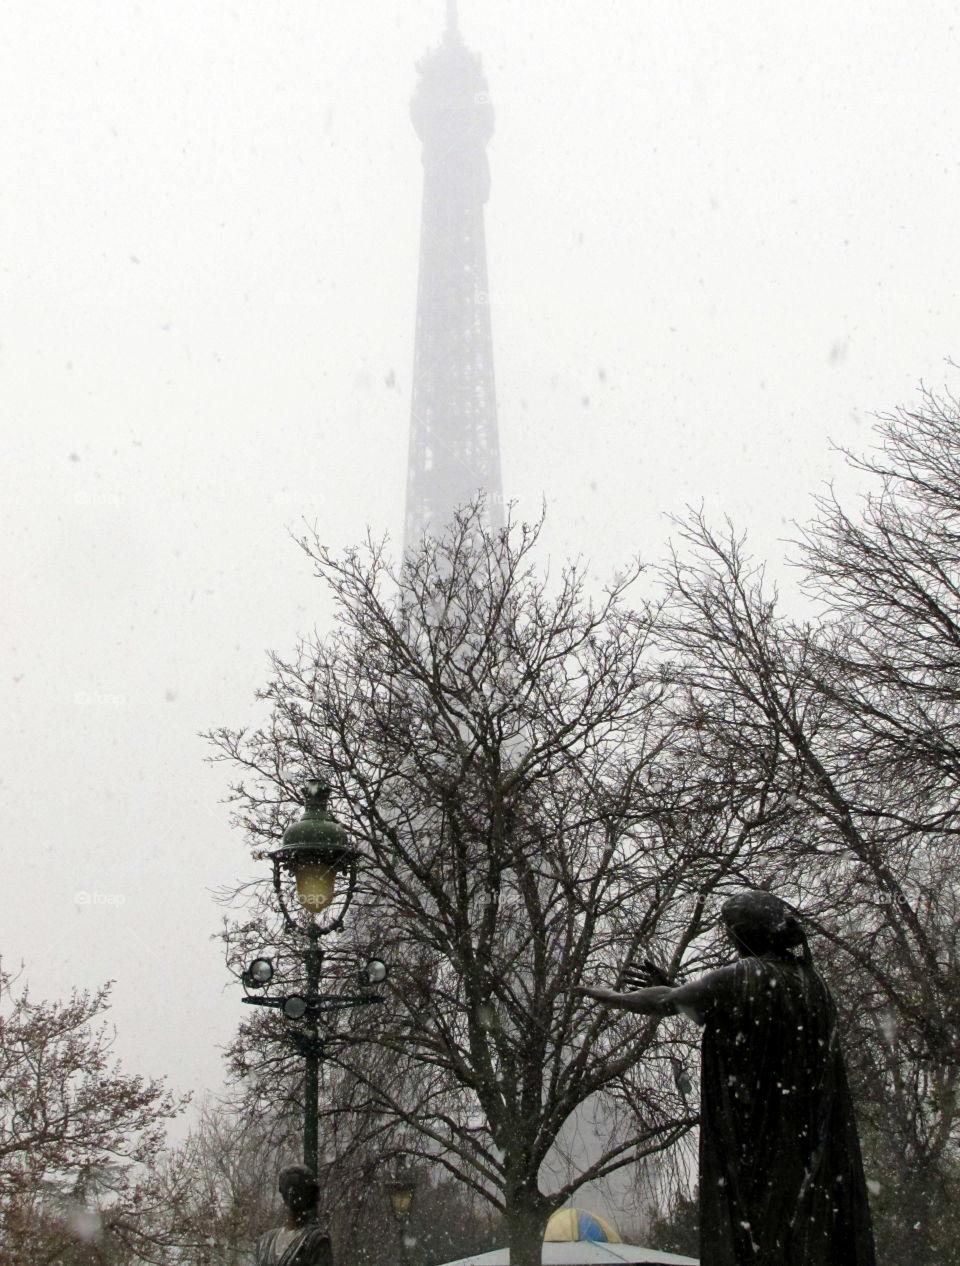 grey Eiffel tower in paris under the snow